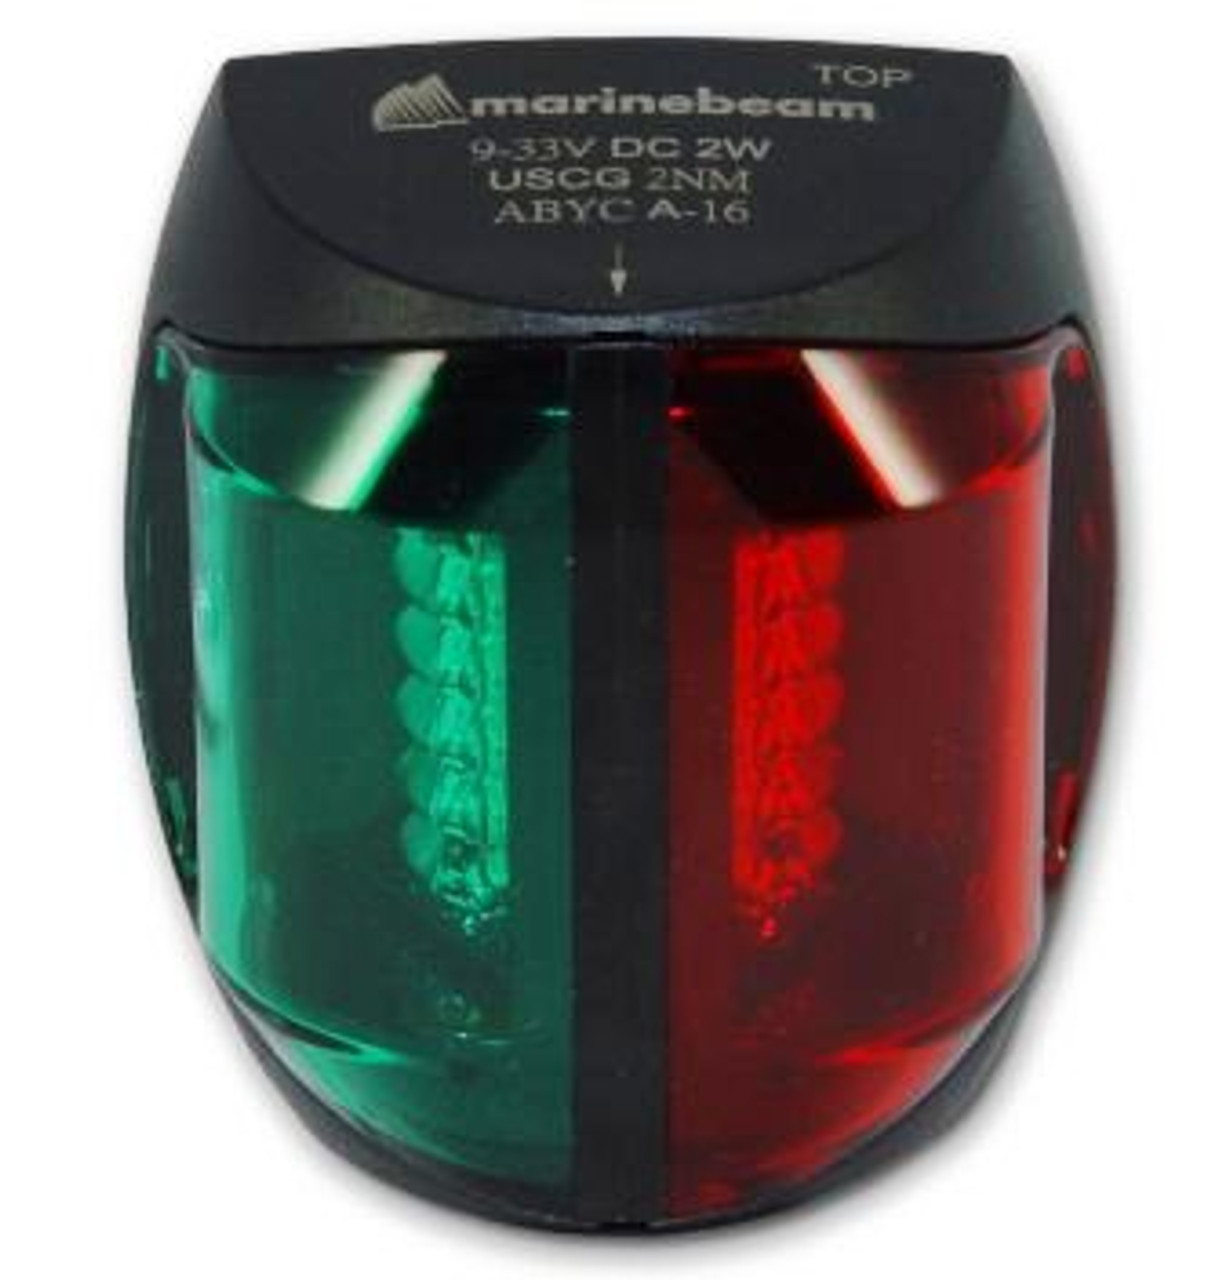 LED Bi-Color Bow Navigation Light - Black Hsg